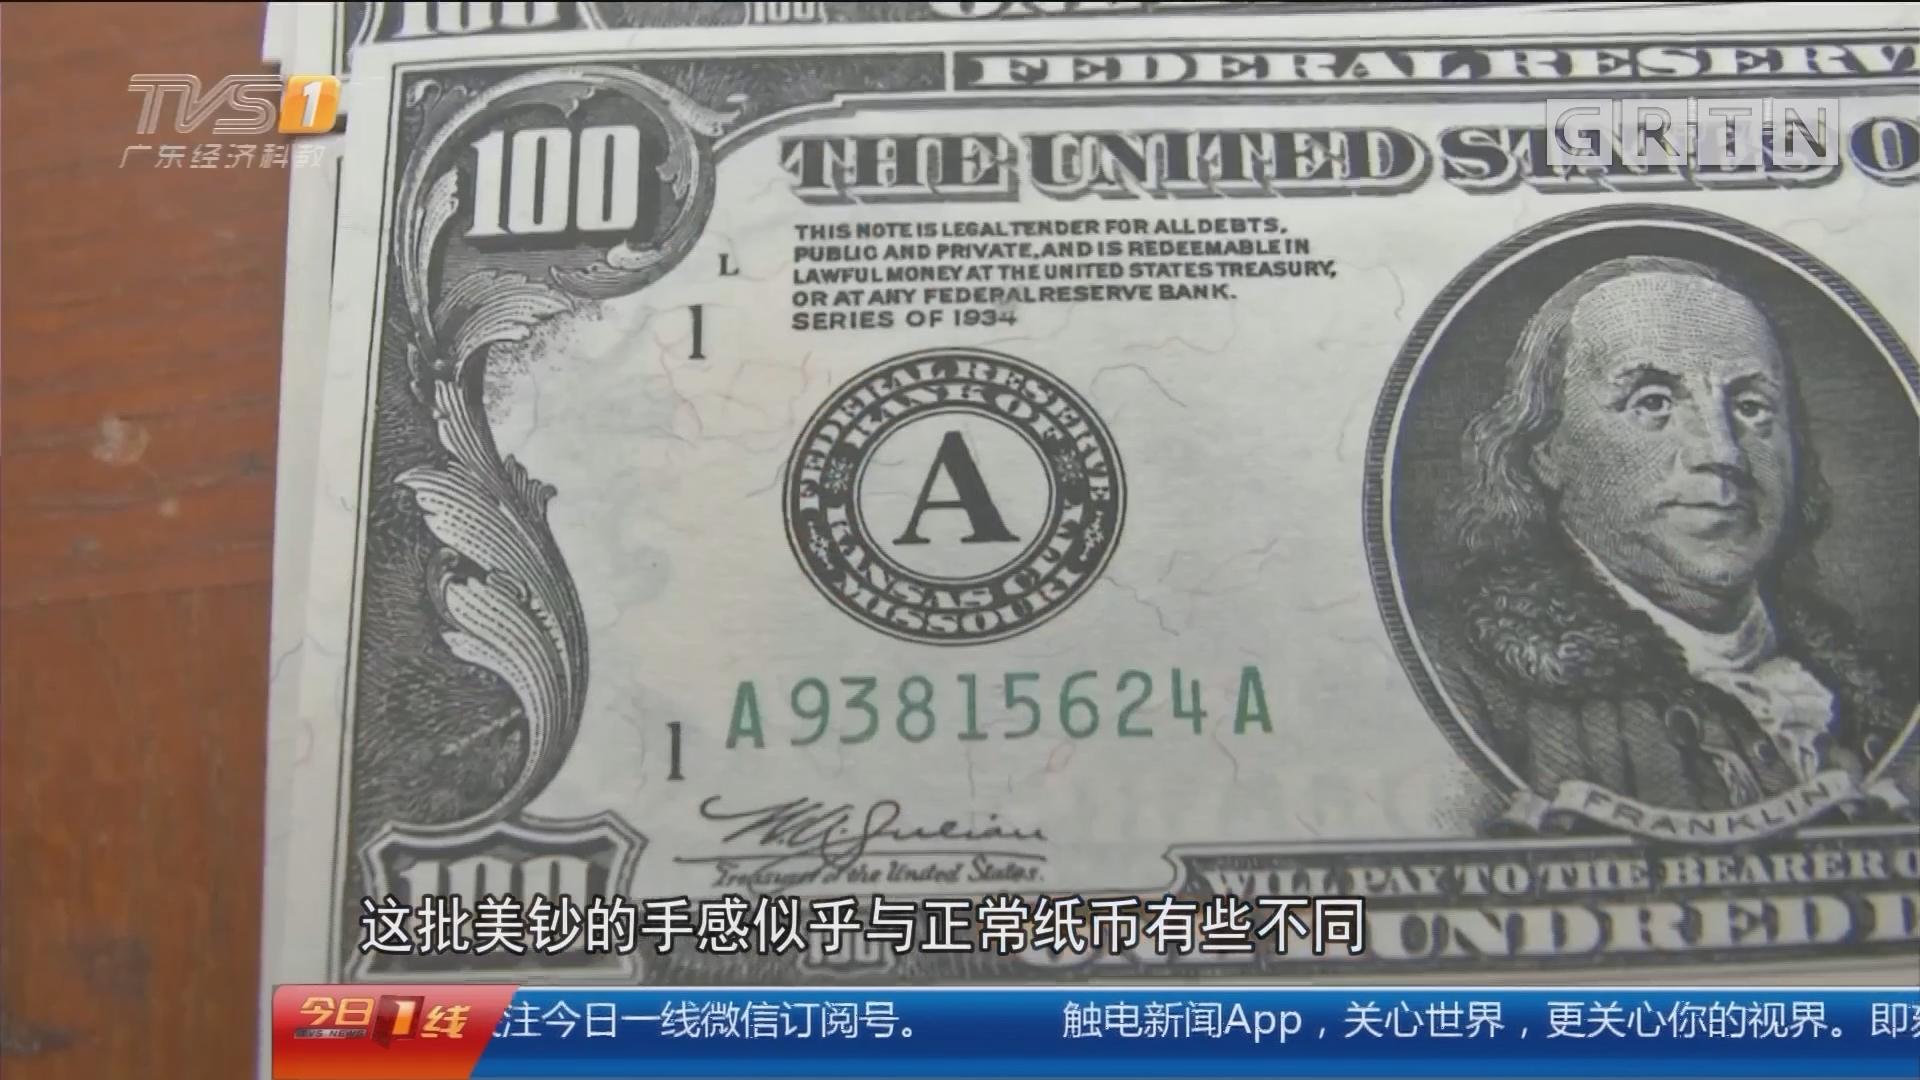 深圳:男子携88张百元美钞出境 全是假的